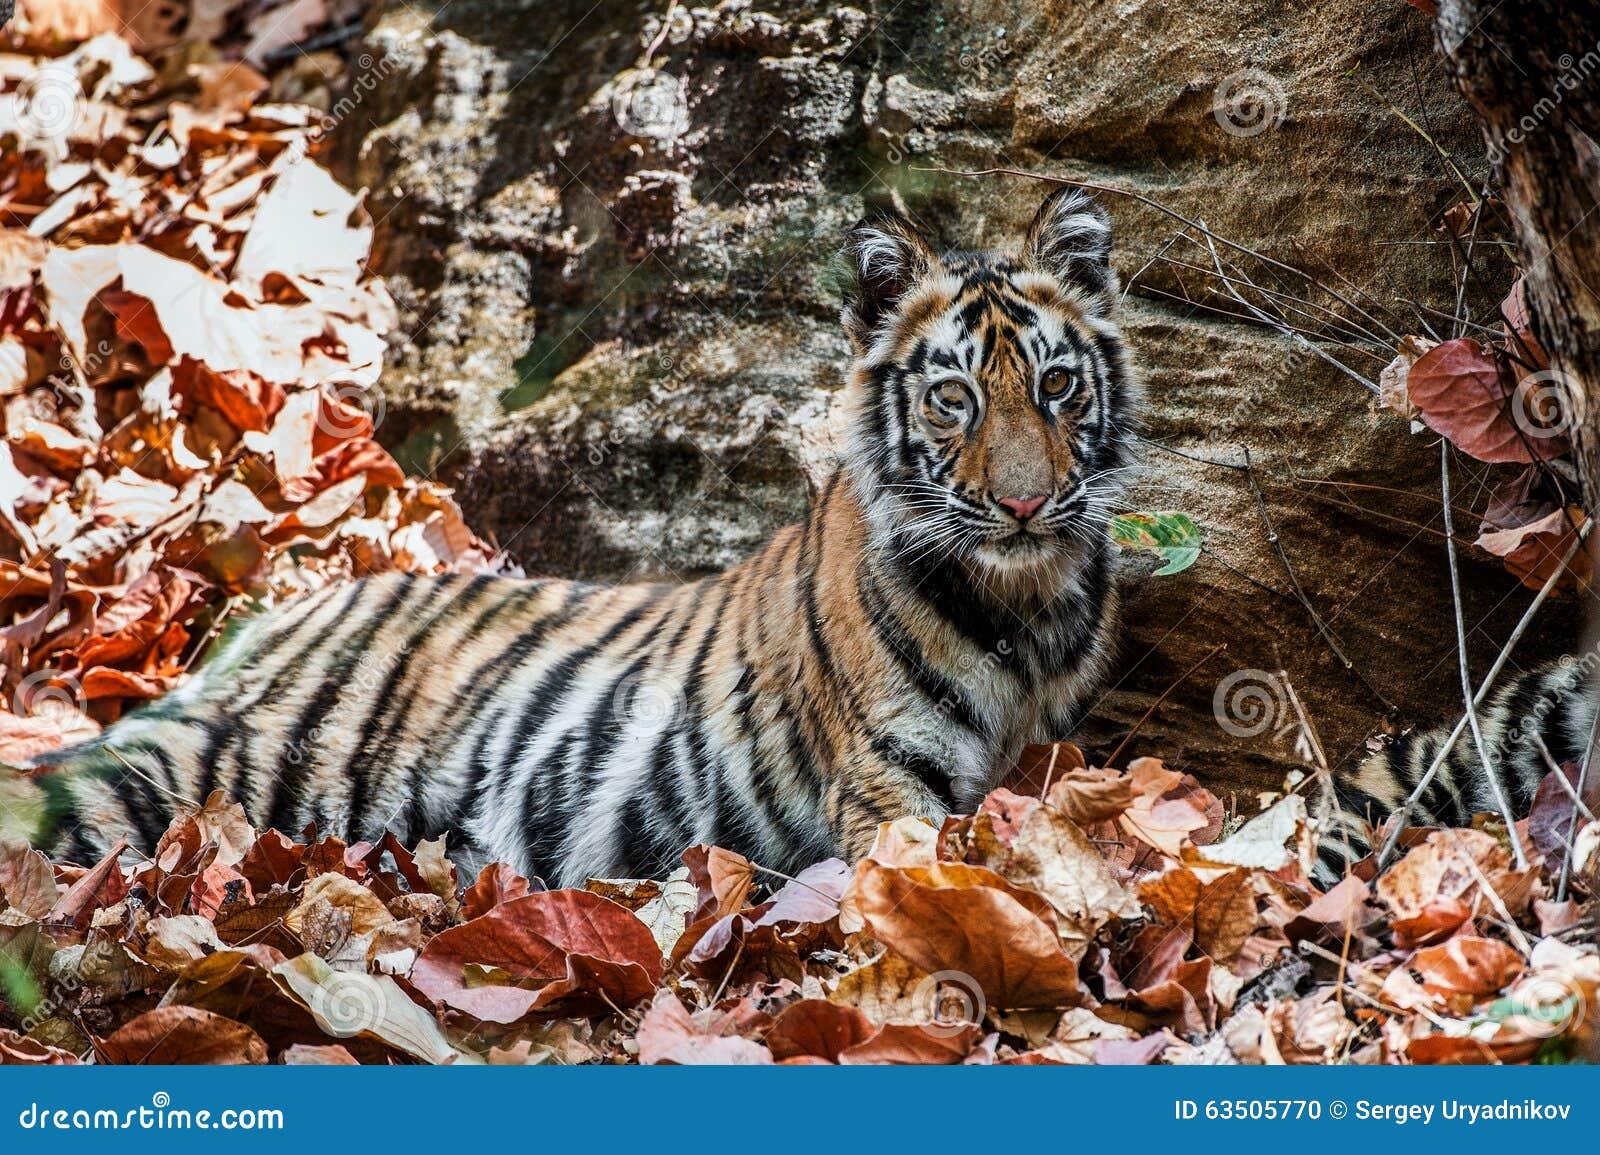 Young Bengal tiger in natural habitat. The Bengal (Indian) tiger Panthera tigris tigris.